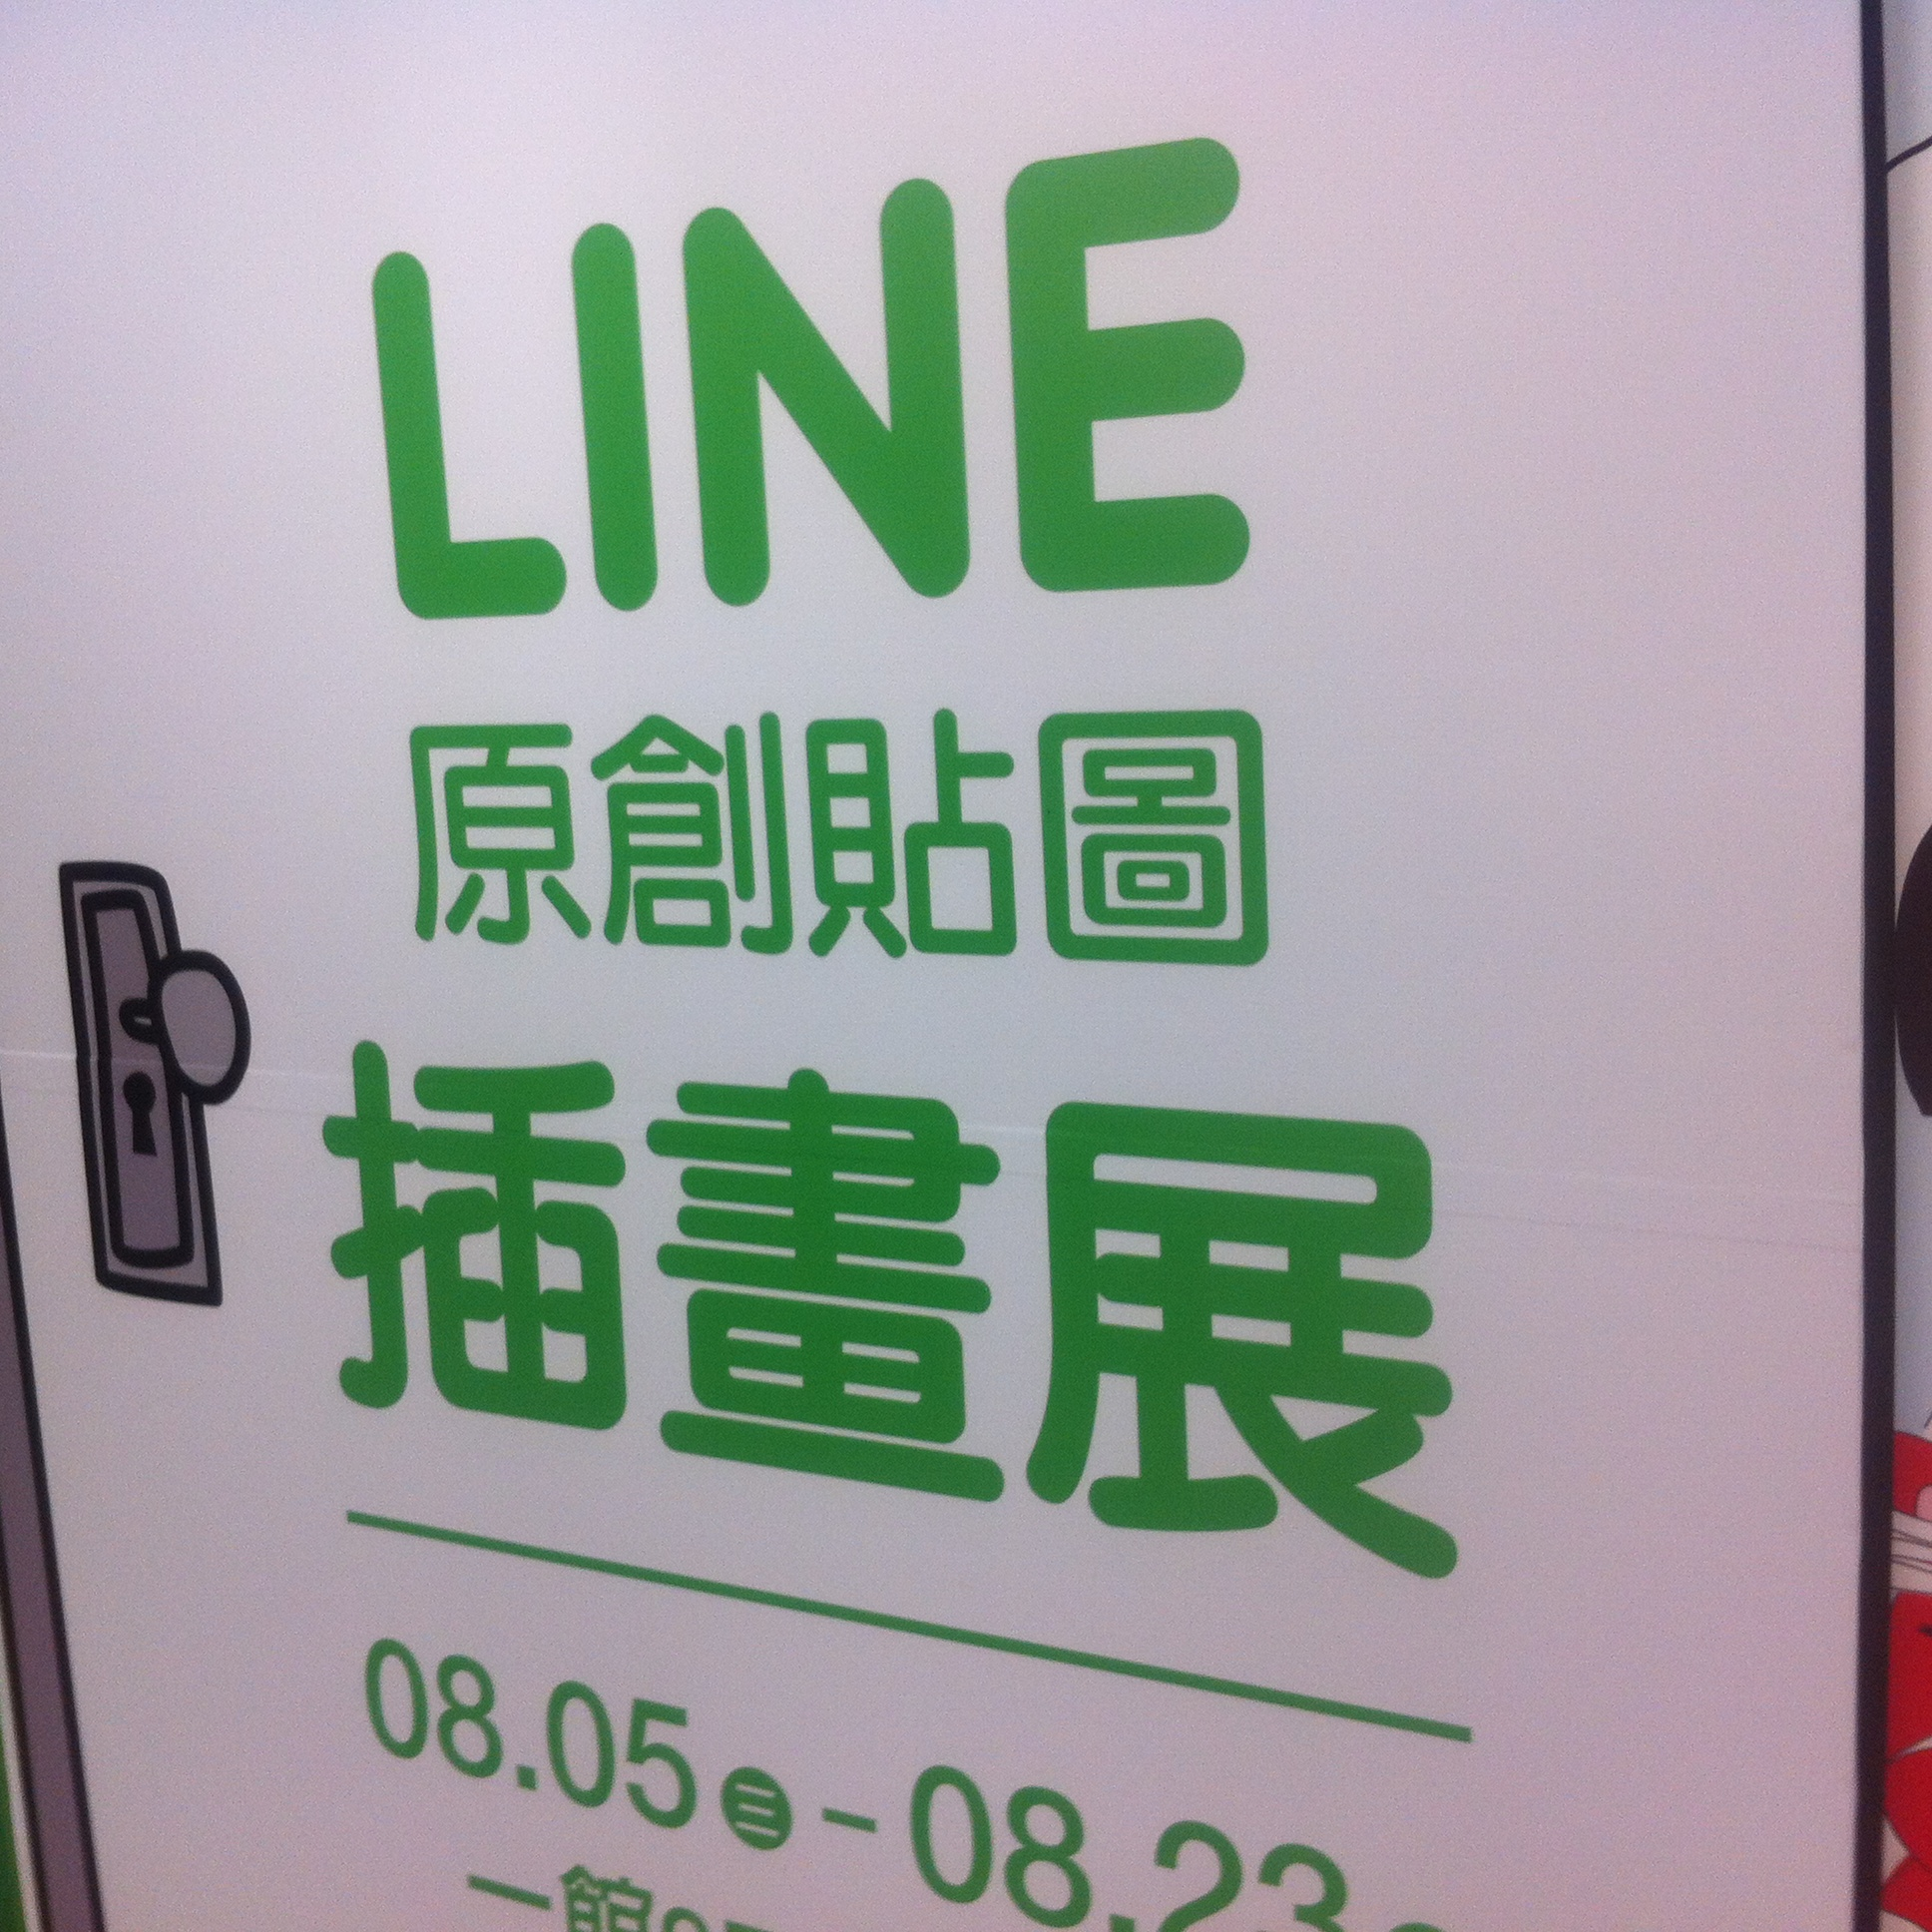 【遊ぶ】中山の三越の9FでLINEスタンプの展覧会がありました。